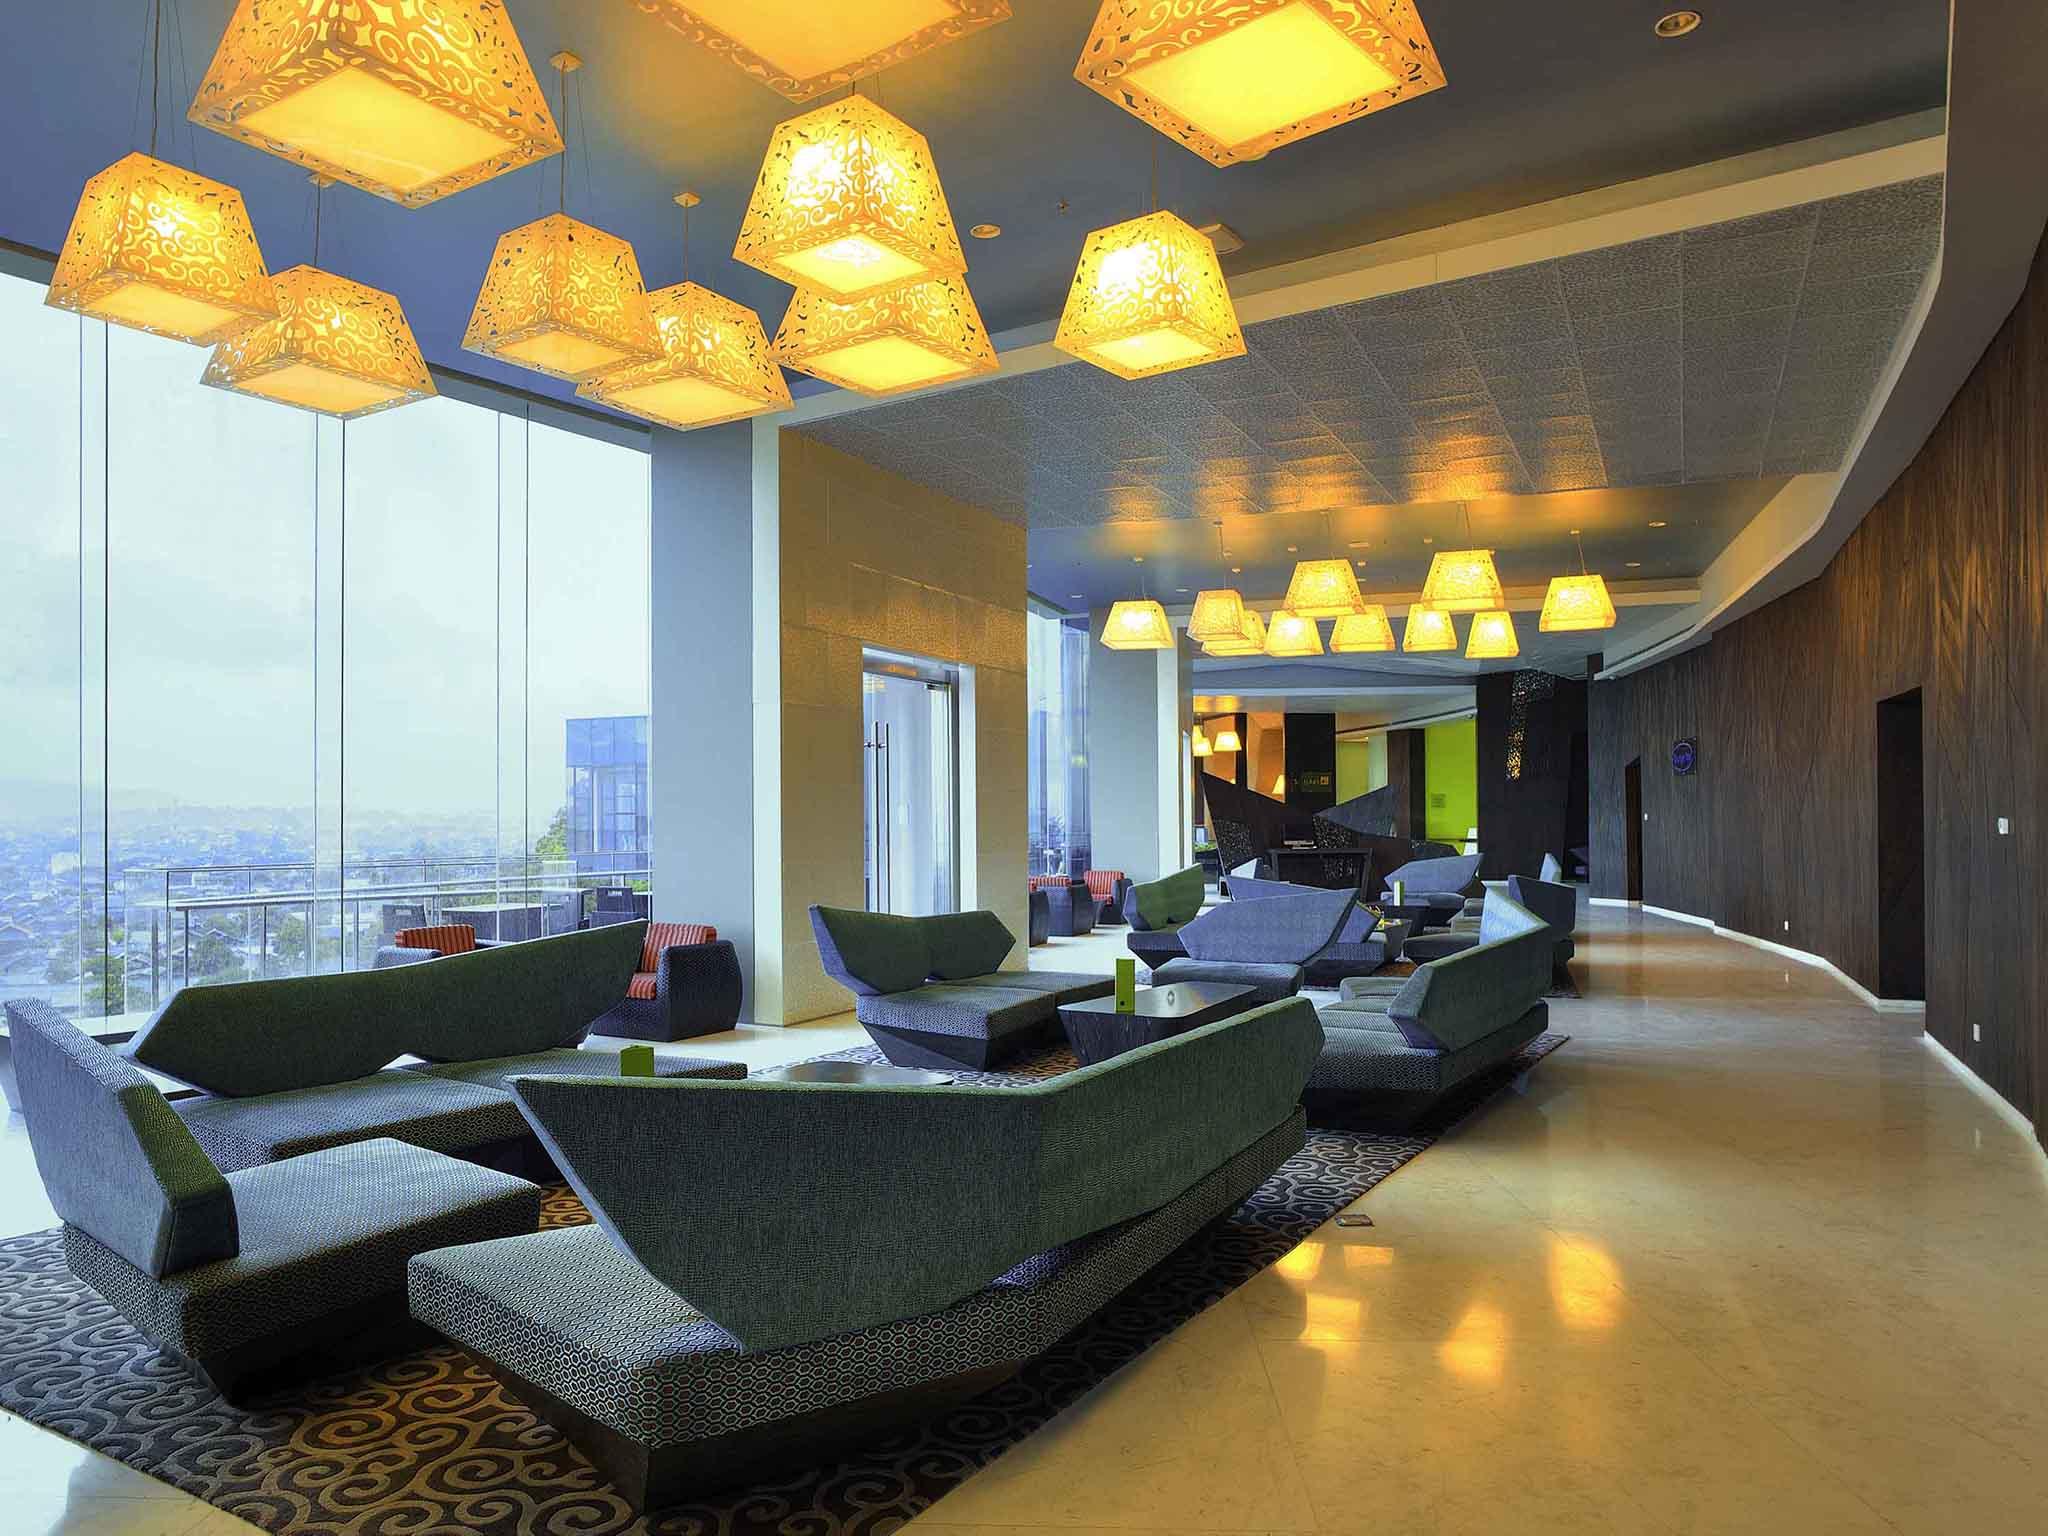 Lounge Bar & Ocean Light - Novotel Lampung